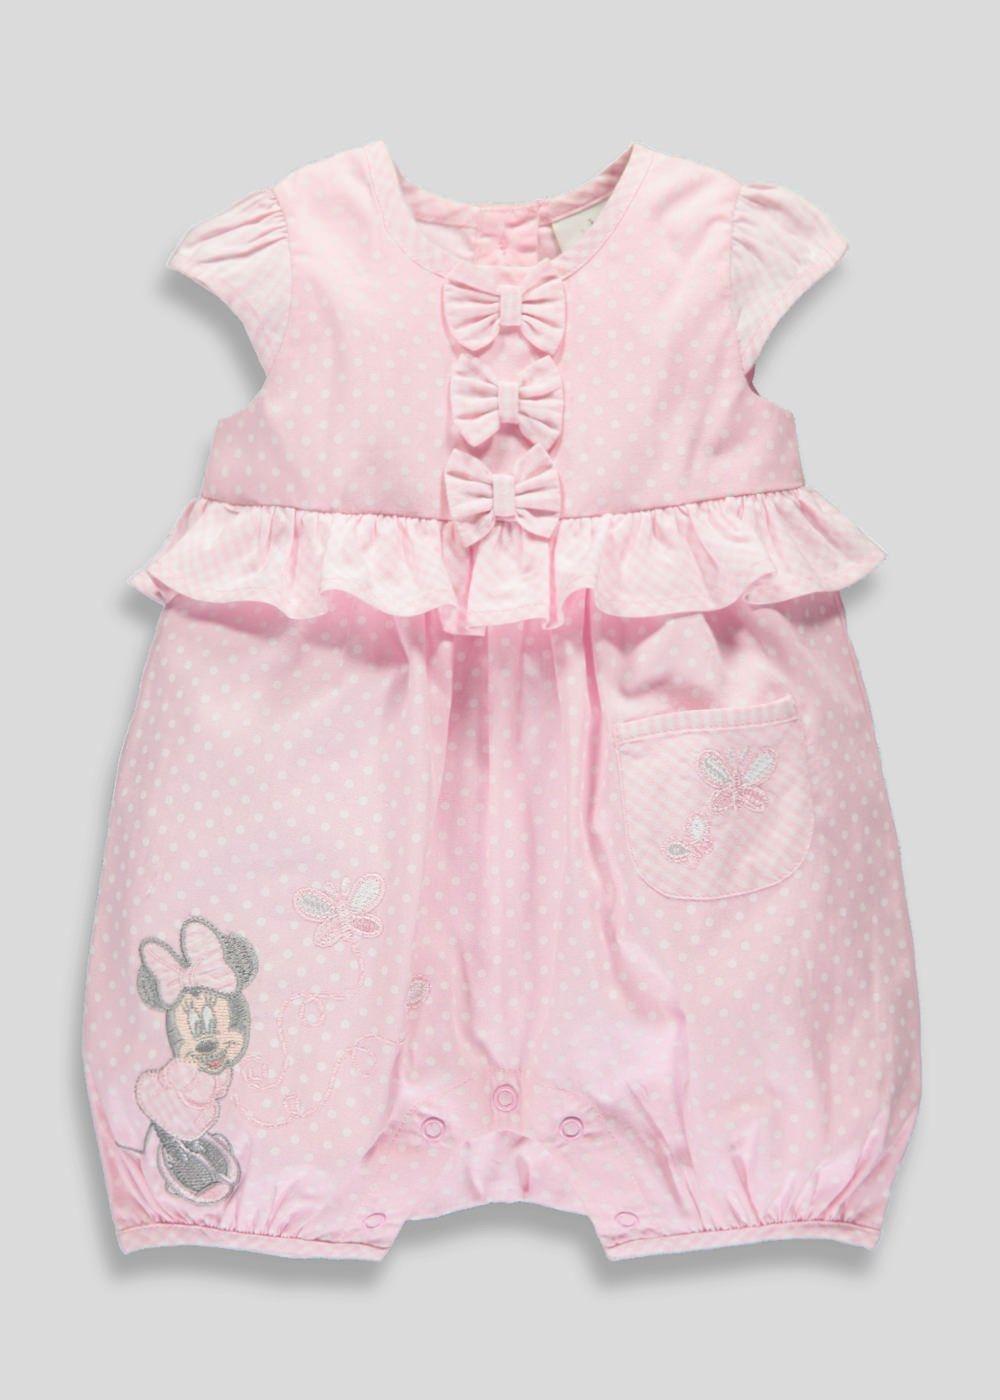 cb59c6b7f3eb Kids Disney Minnie Mouse Romper (Newborn-18mths) - Matalan